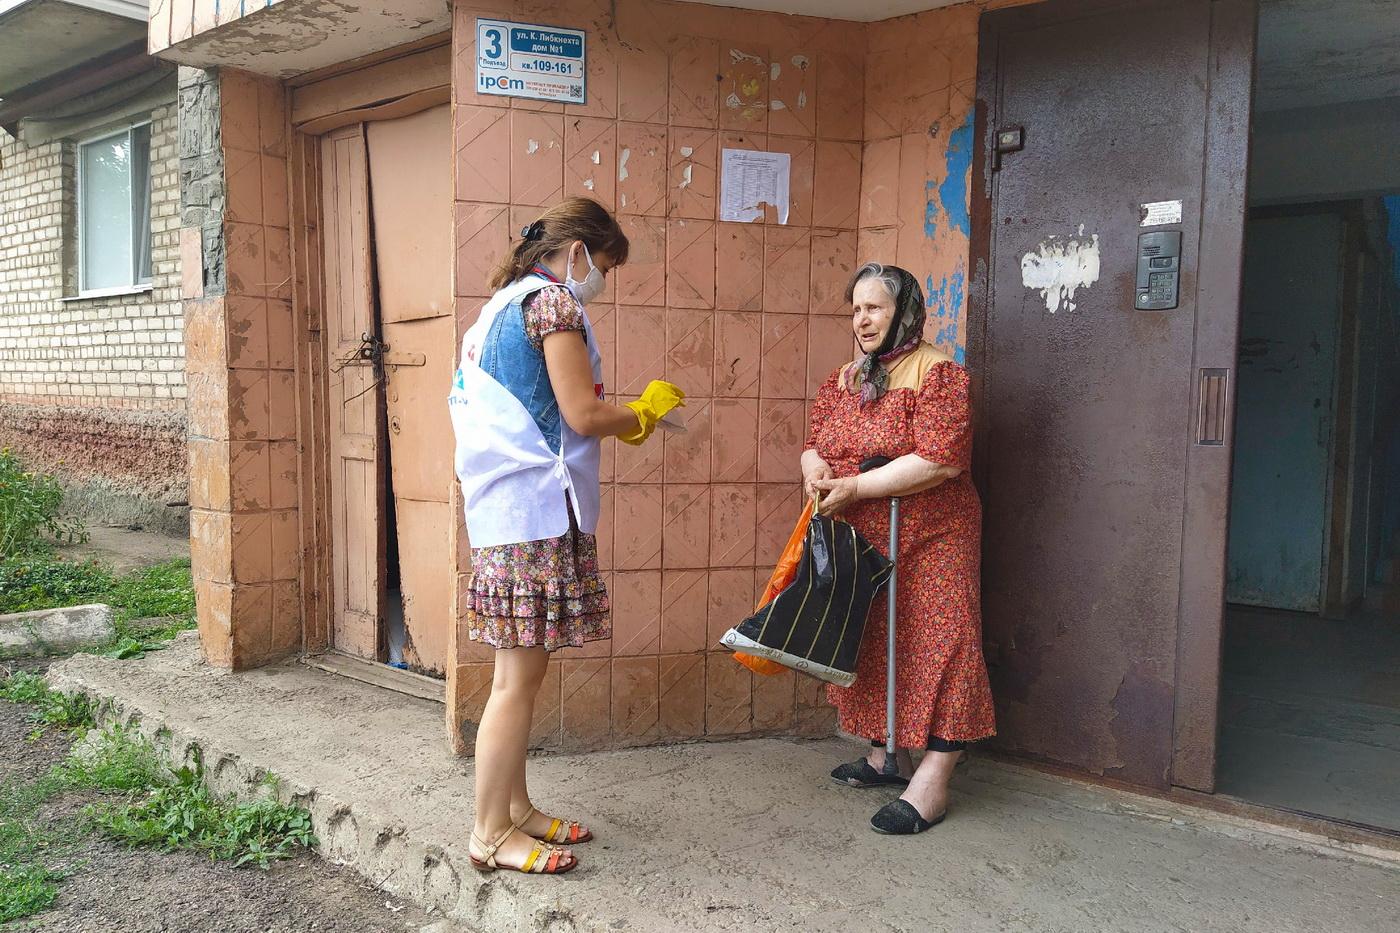 В рамках акции «Рука помощи» волонтёры оказали помощь двоим жителям Свердловского района